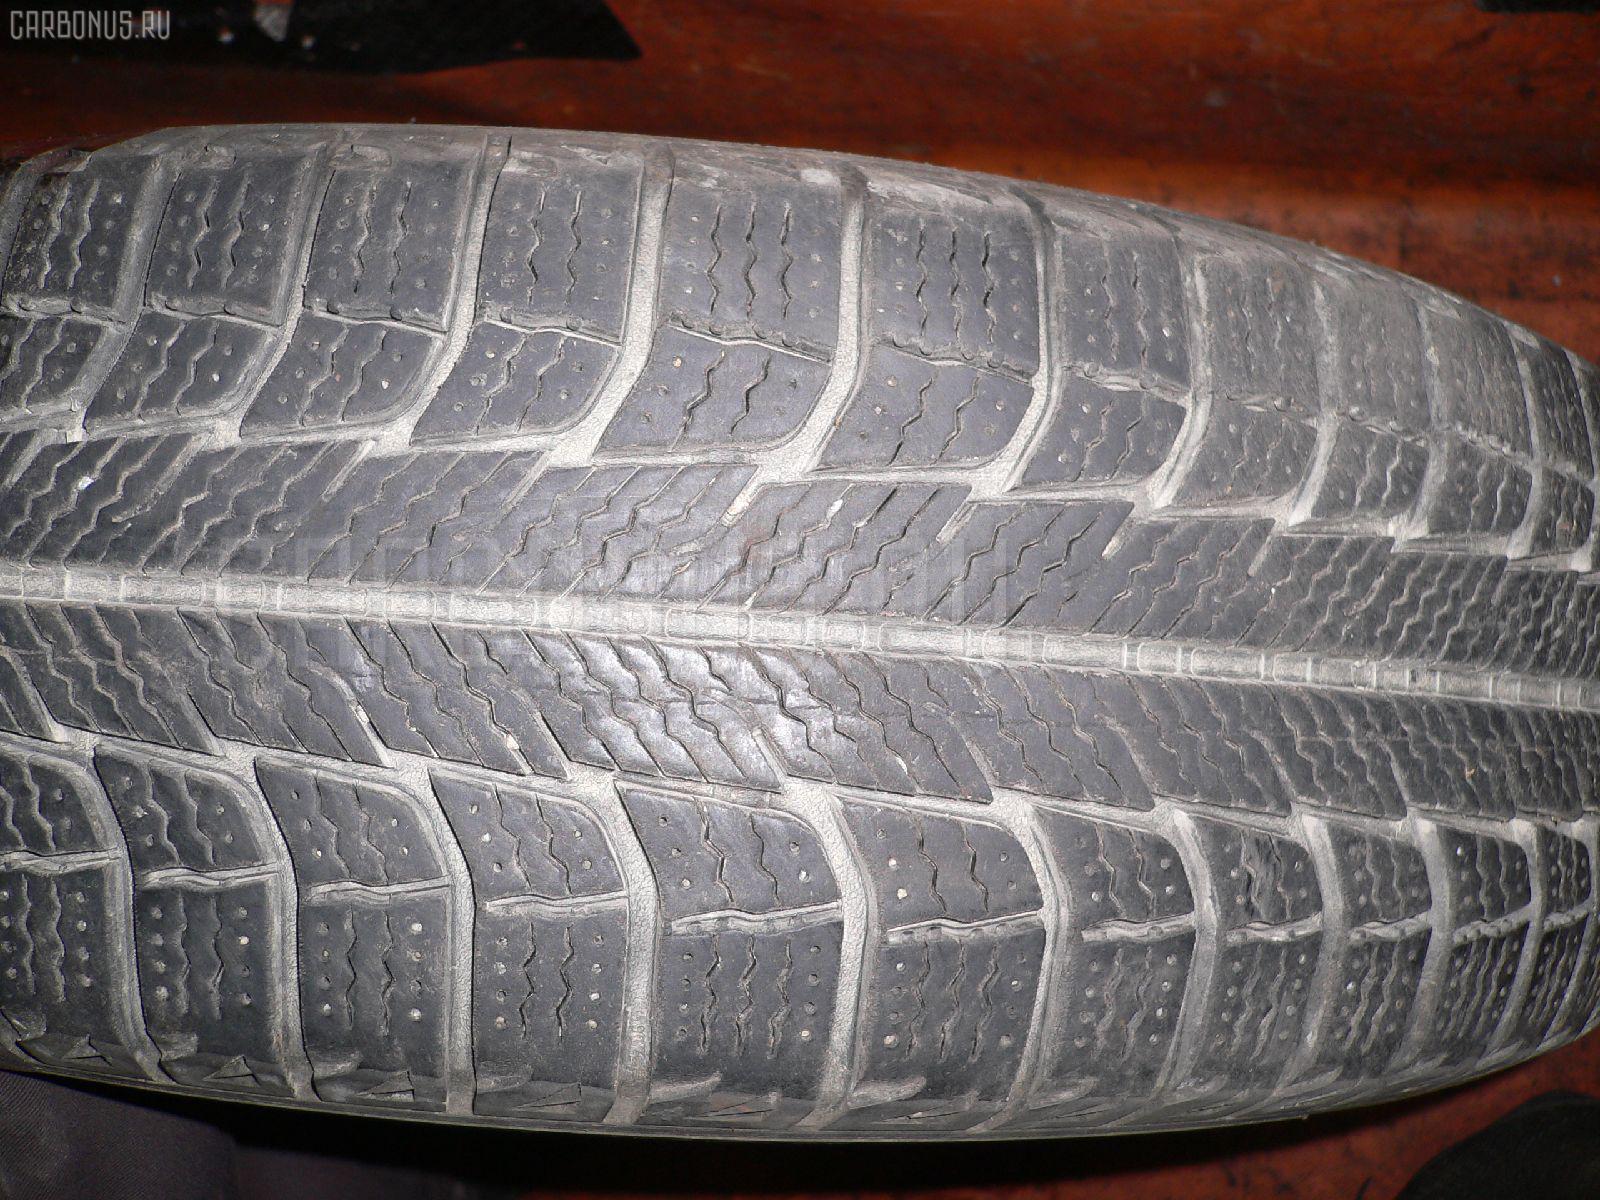 Автошина легковая зимняя X-ace 175/70R14 MICHELIN Фото 1